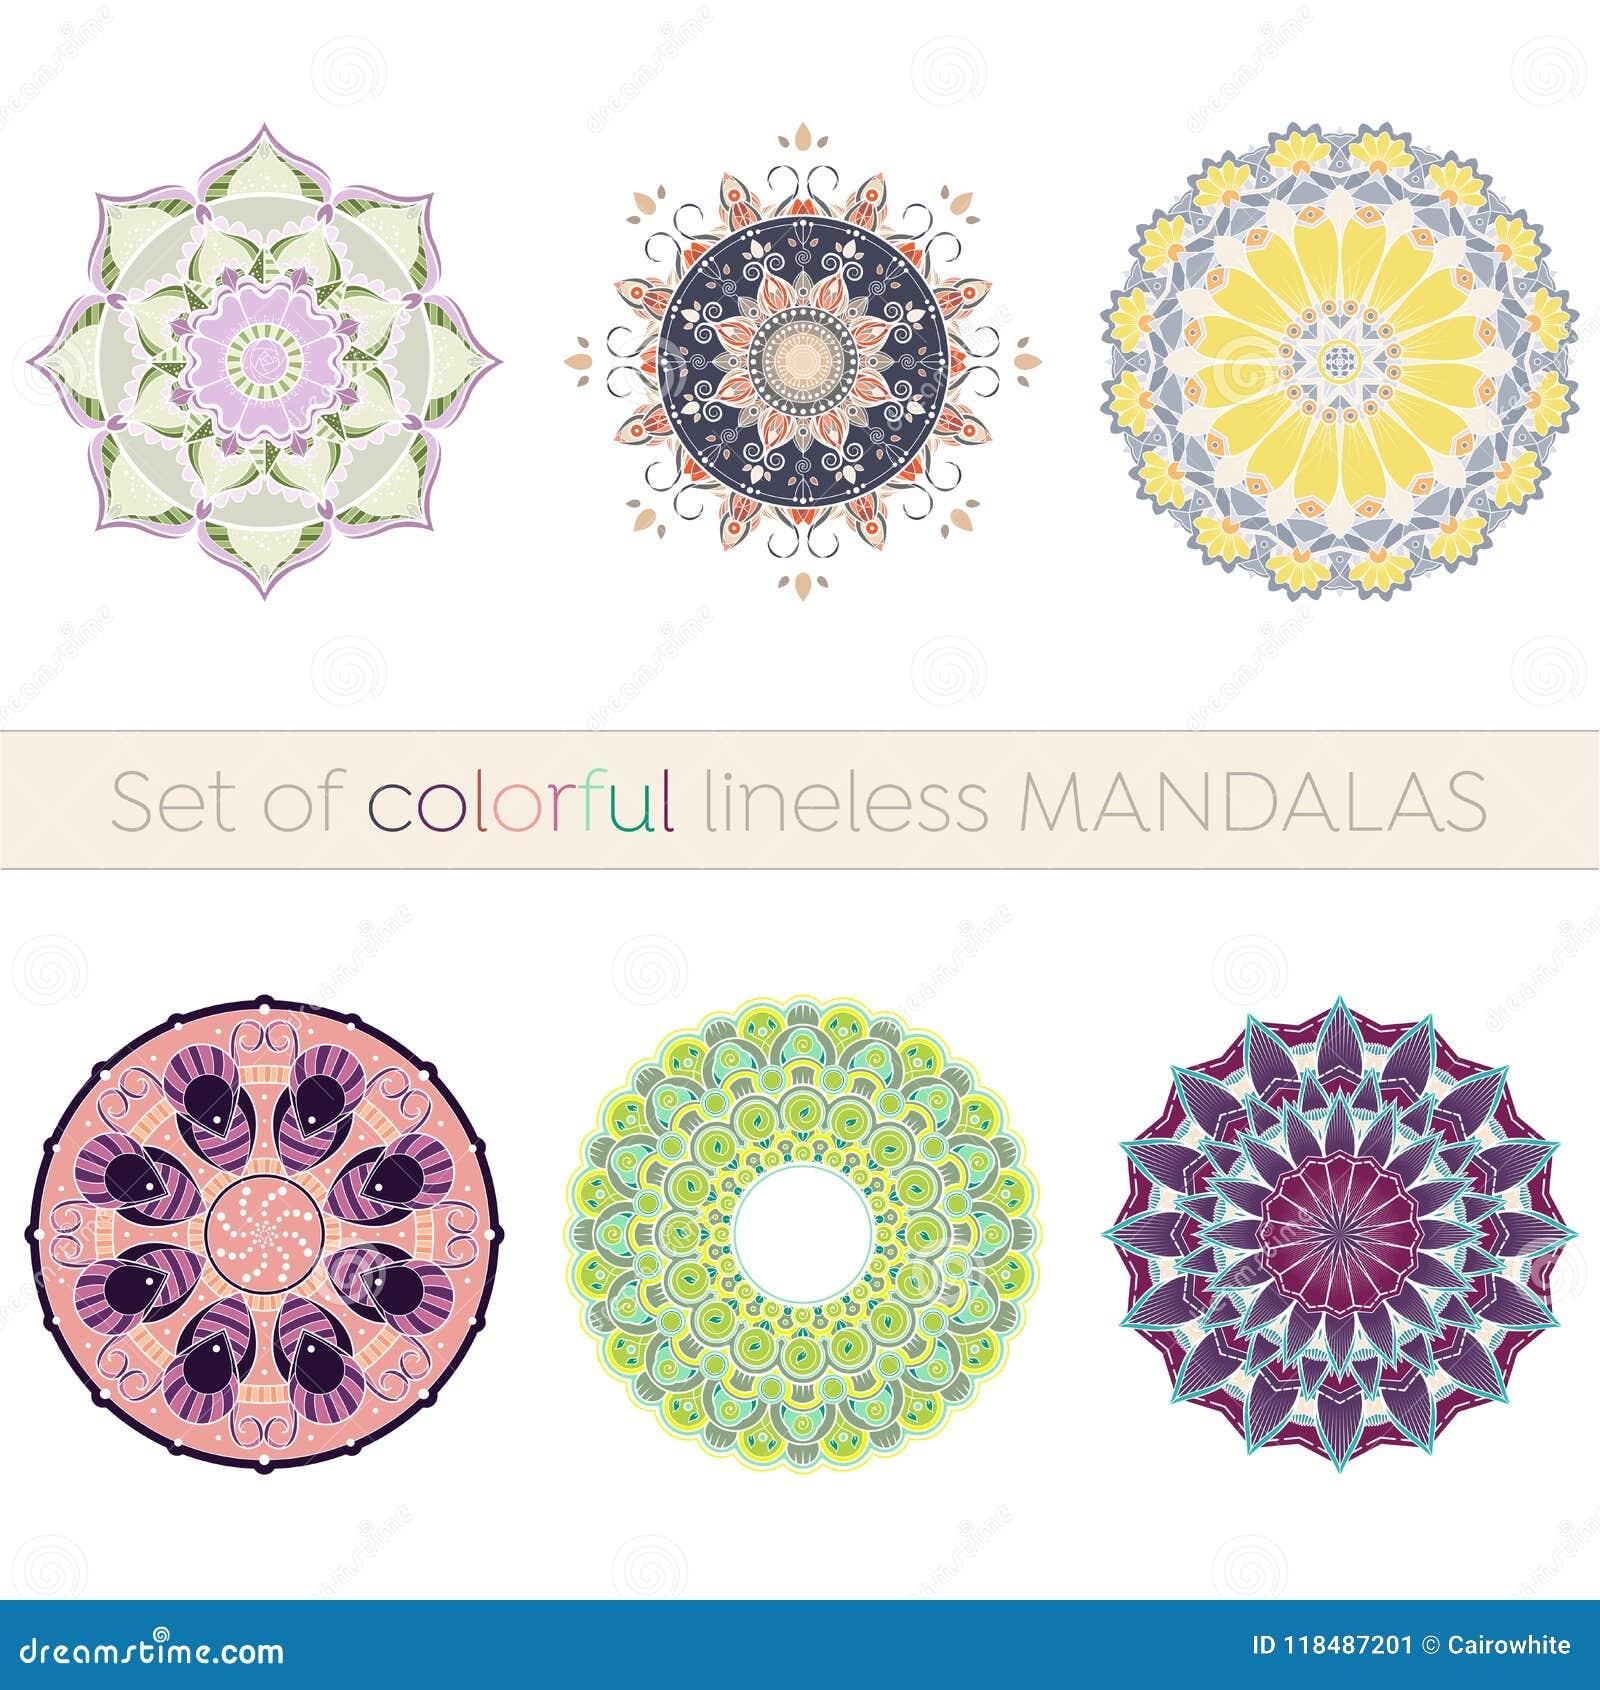 Set sześć w zawiły sposób lineless kolorowych mandalas